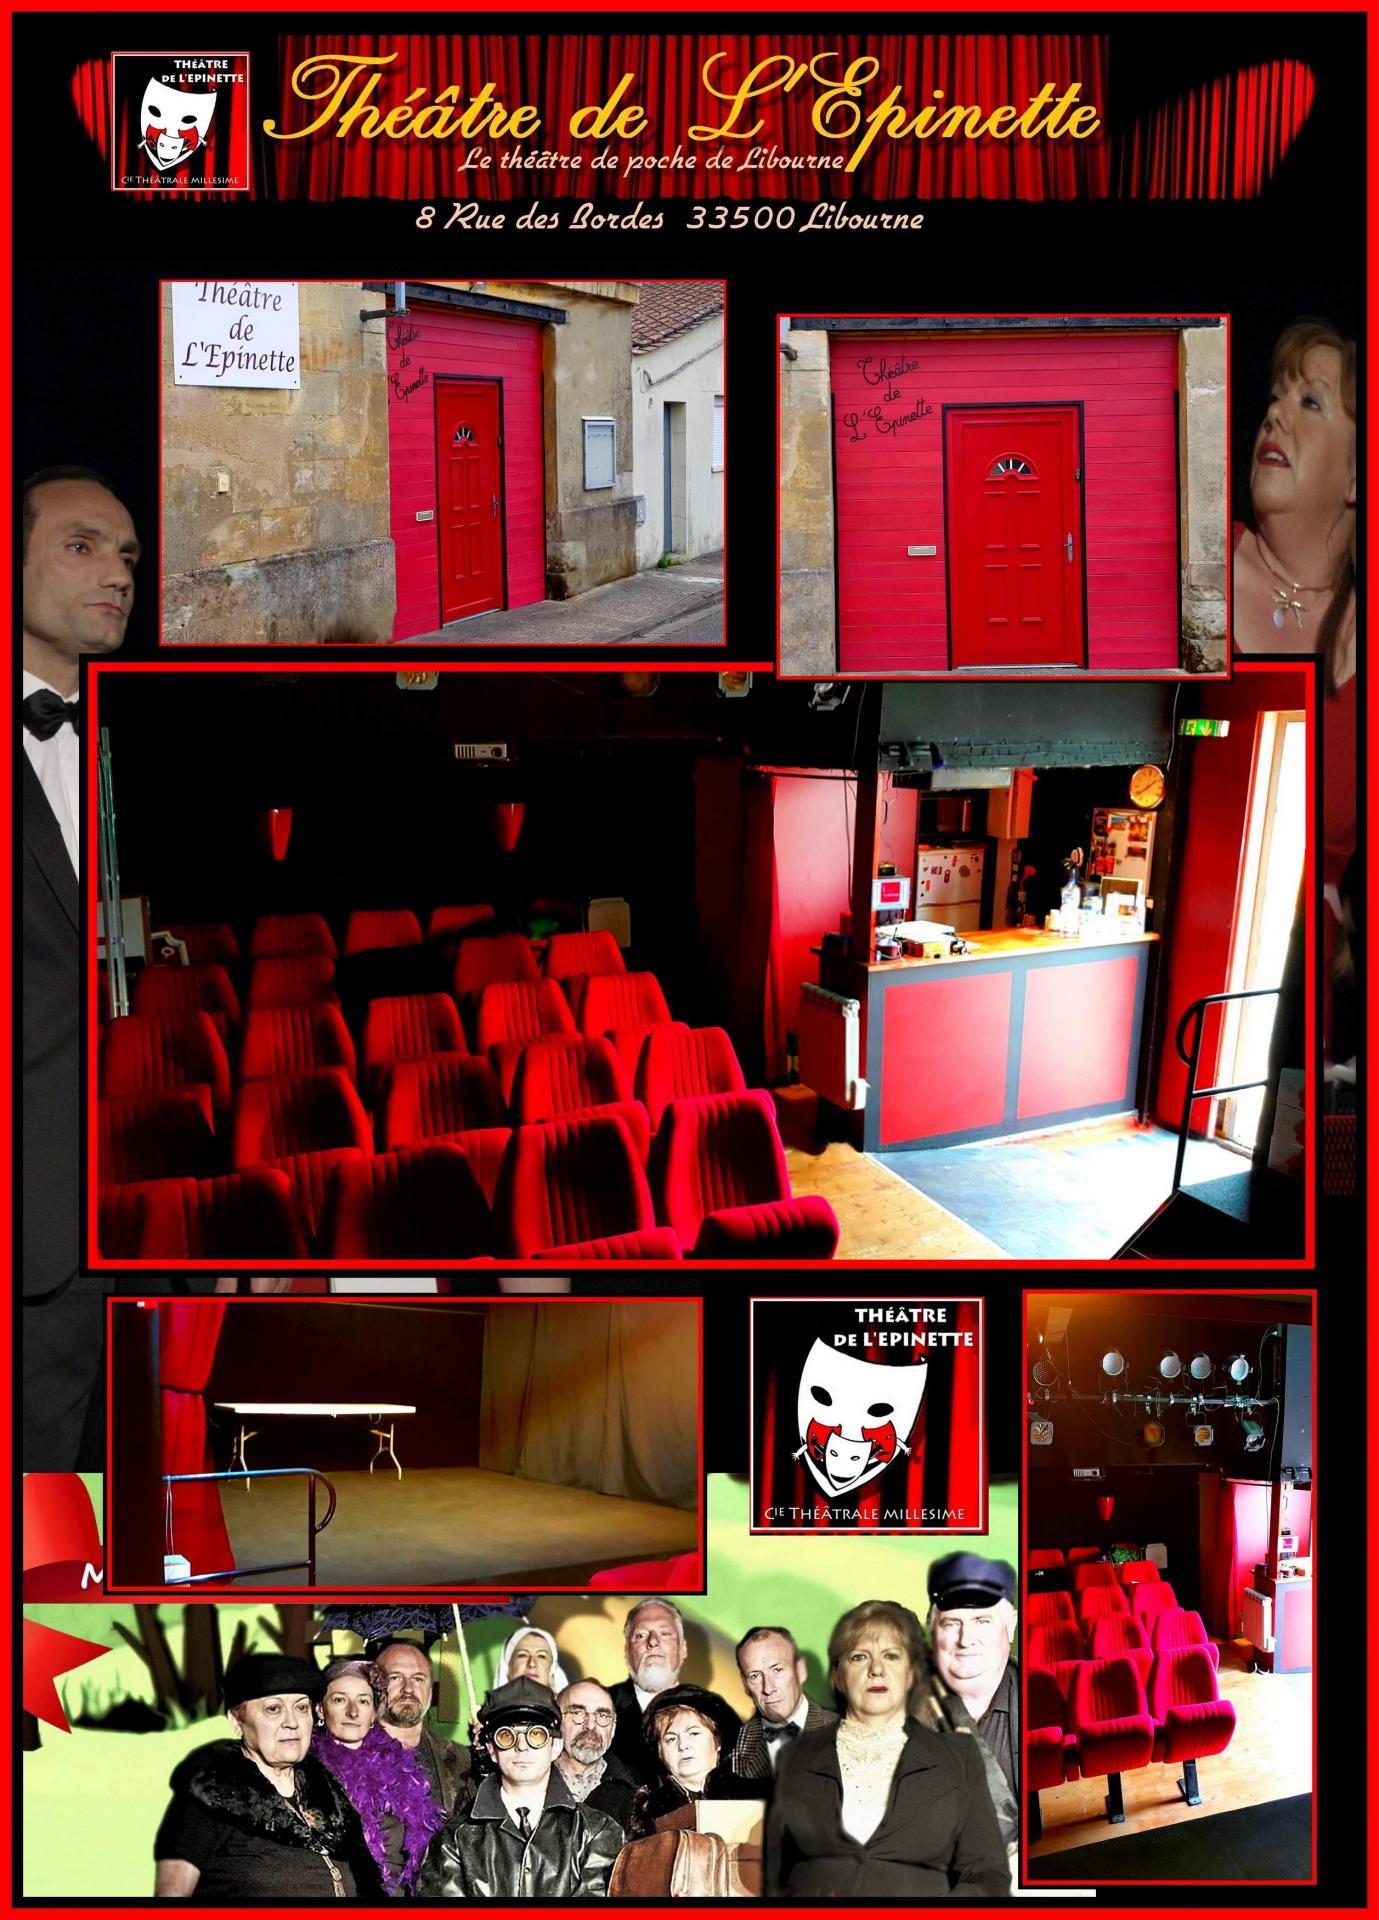 Theatre de l epinette theatre de poche de libourne